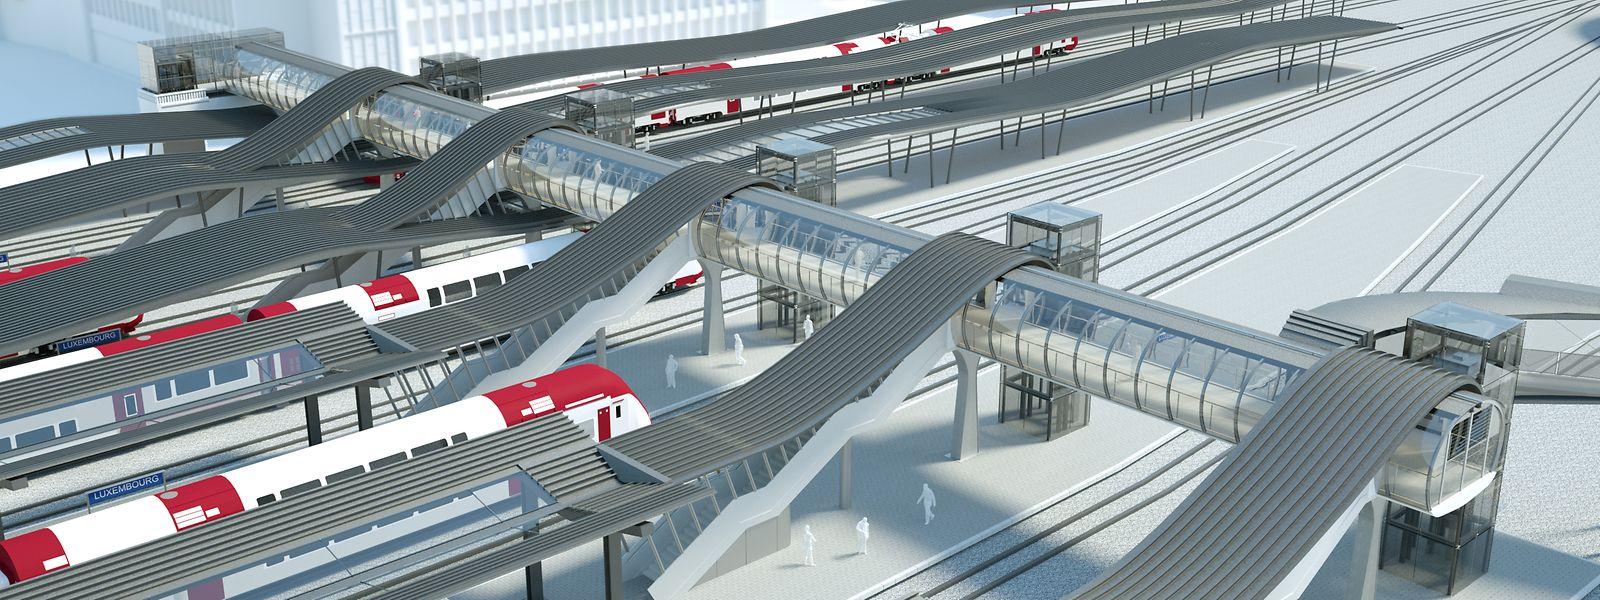 La future passerelle des CFL doit desservir six quais et dix voies et entrer en service à la mi-septembre, selon le planning officiel.